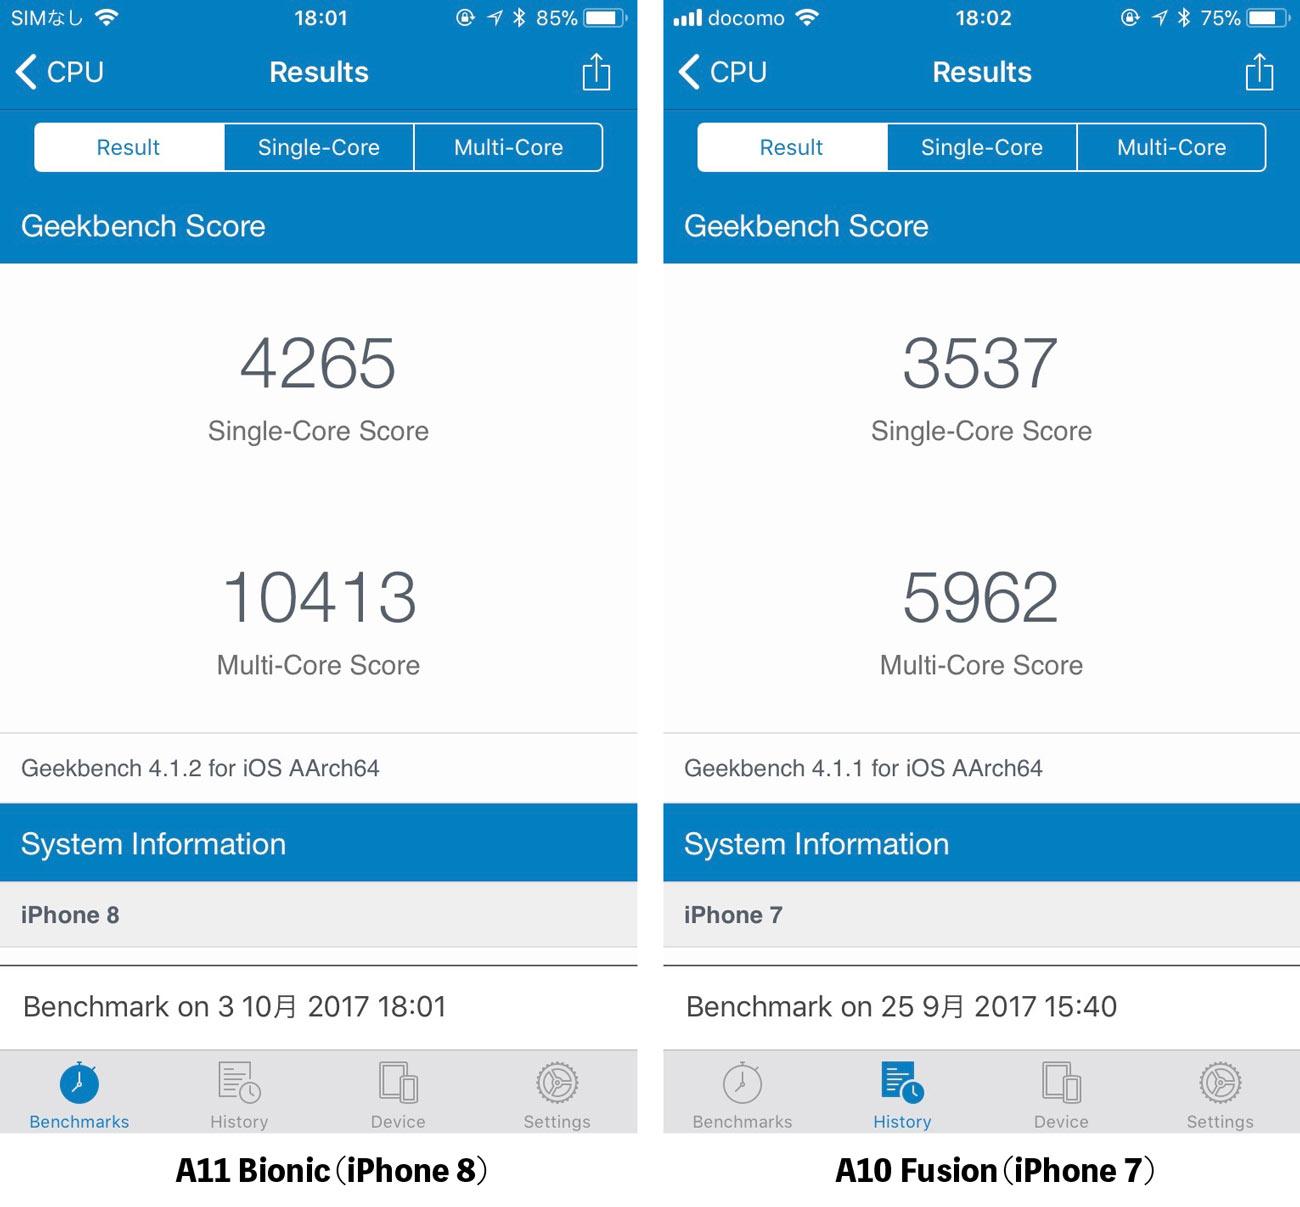 A11 BionicとA10 Fusionの比較